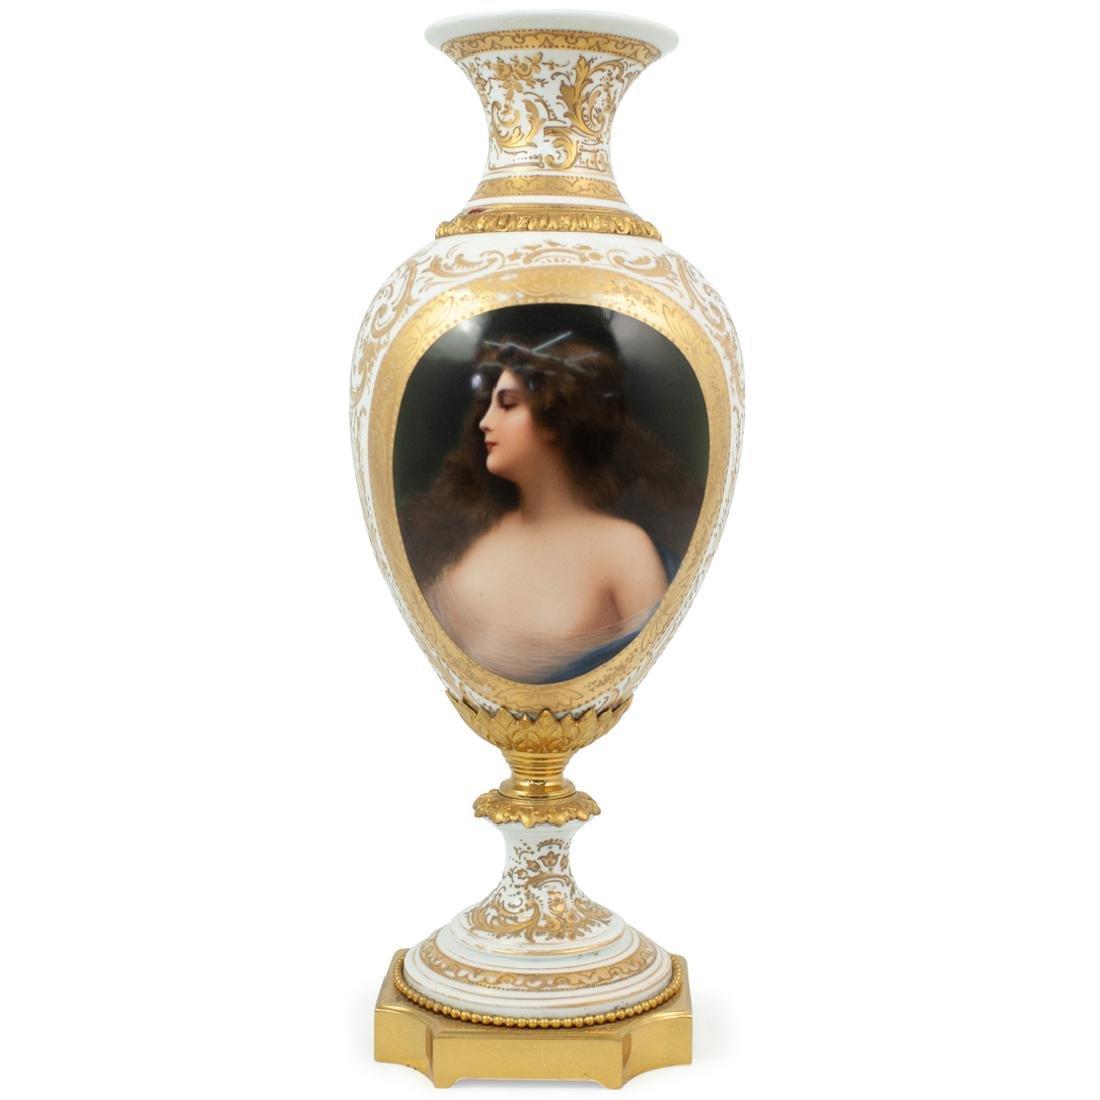 Sevres Porcelain and Gilt Portrait Vase